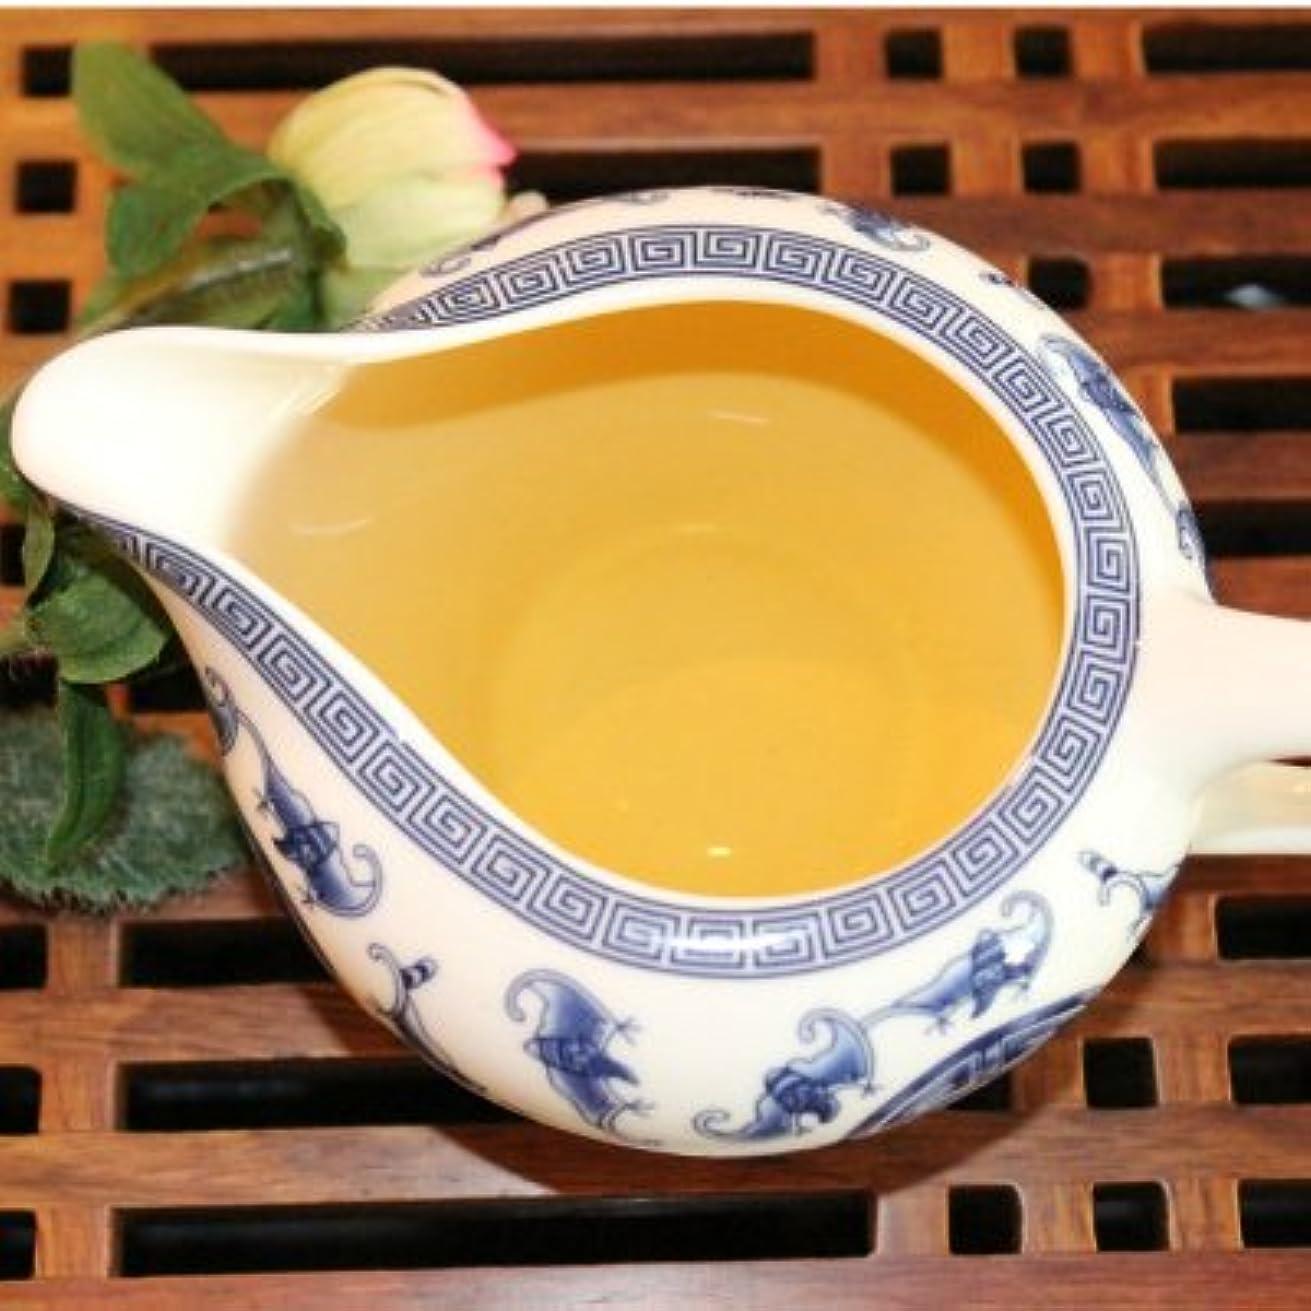 スペクトラム無視する幾何学台湾高級烏龍茶【阿里山金萱茶 500g】業務用お得サイズ